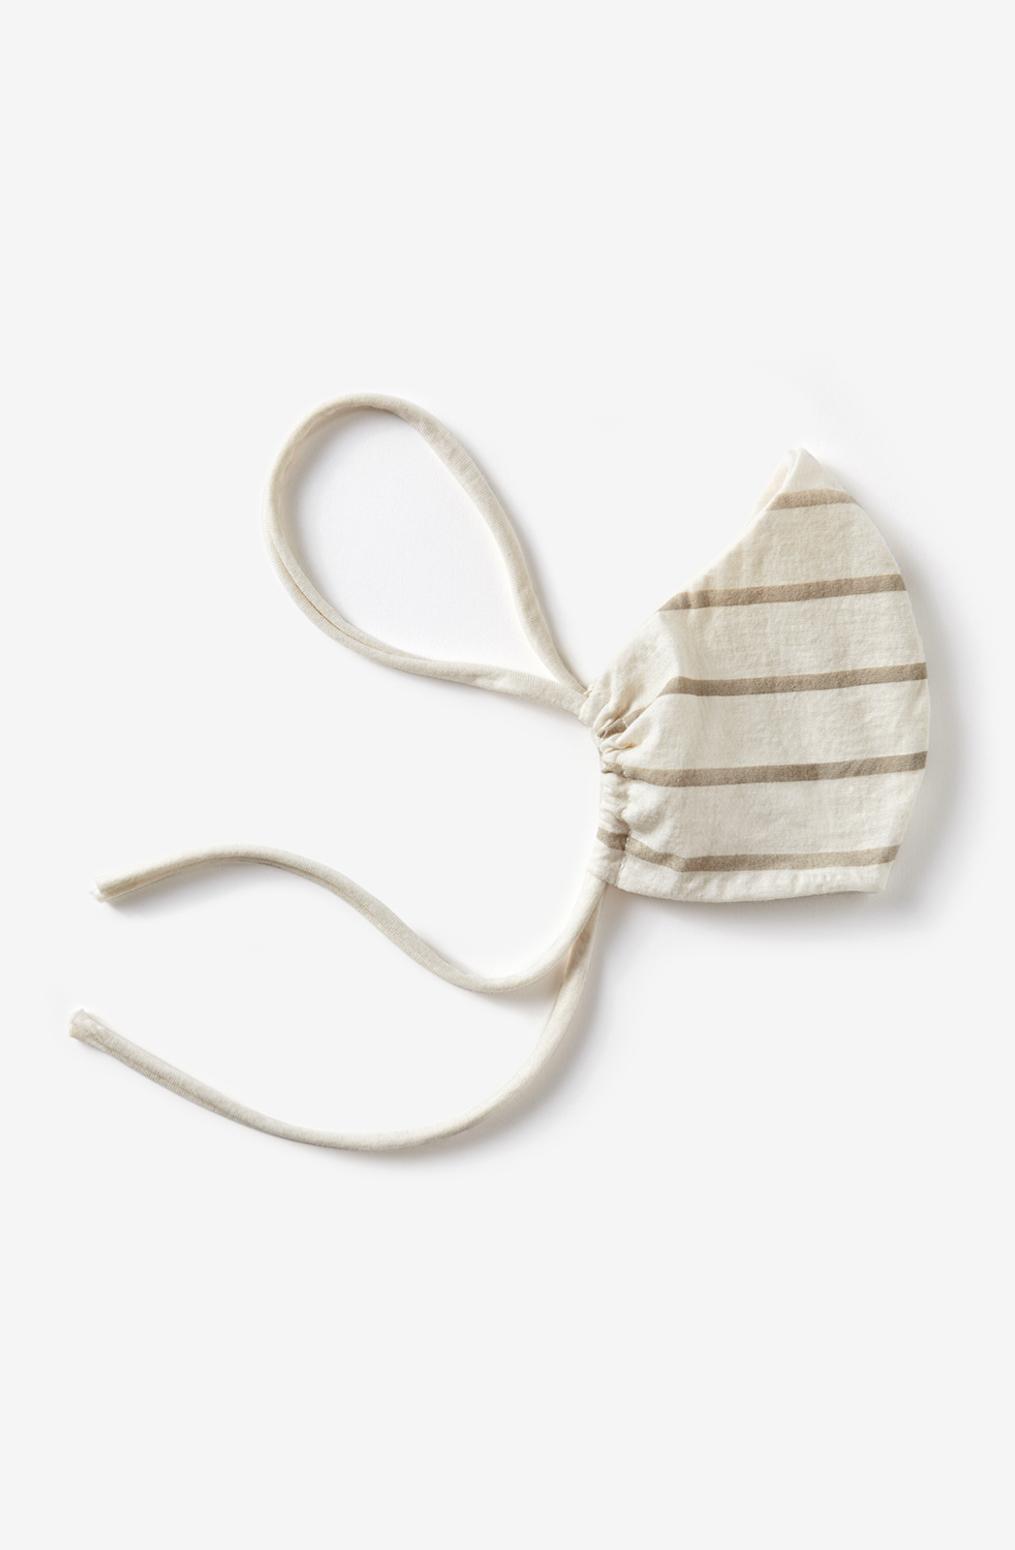 Lightweight organic cotton face mask   faded stripe   natural   ac 143   august 2020   robert rausch 3   edit vert